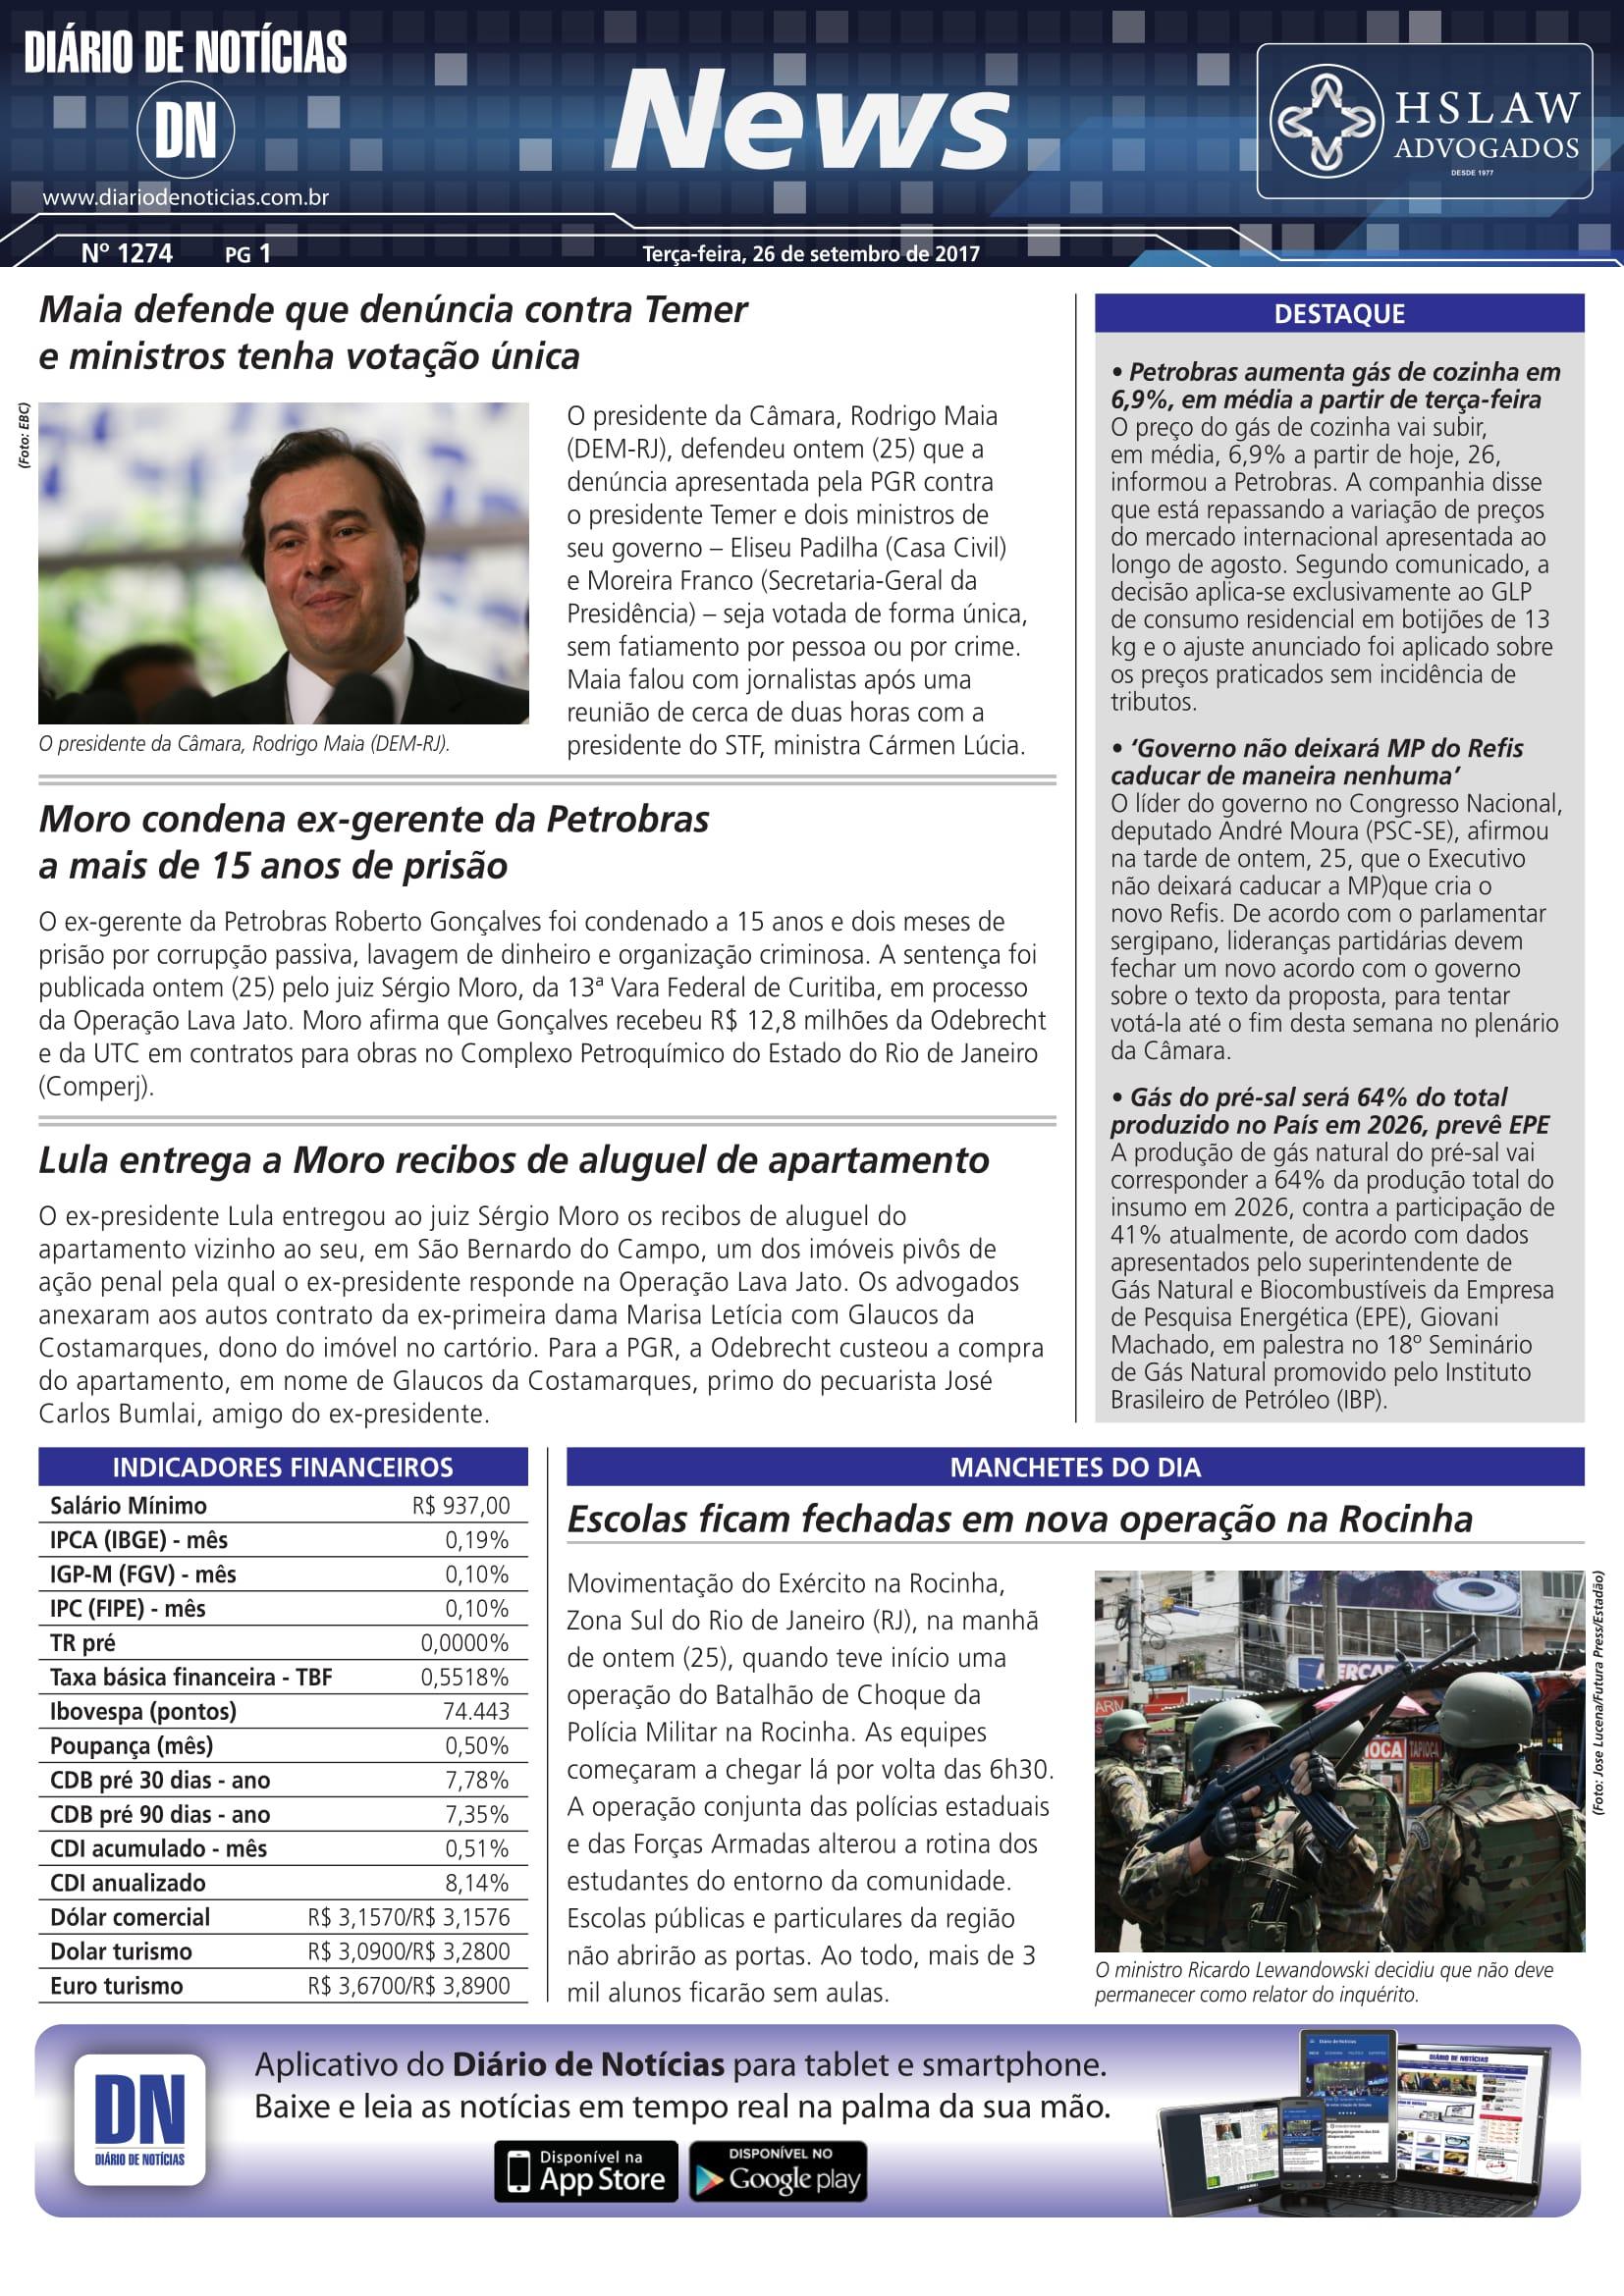 NewsPaper_1274_DN_260917-1